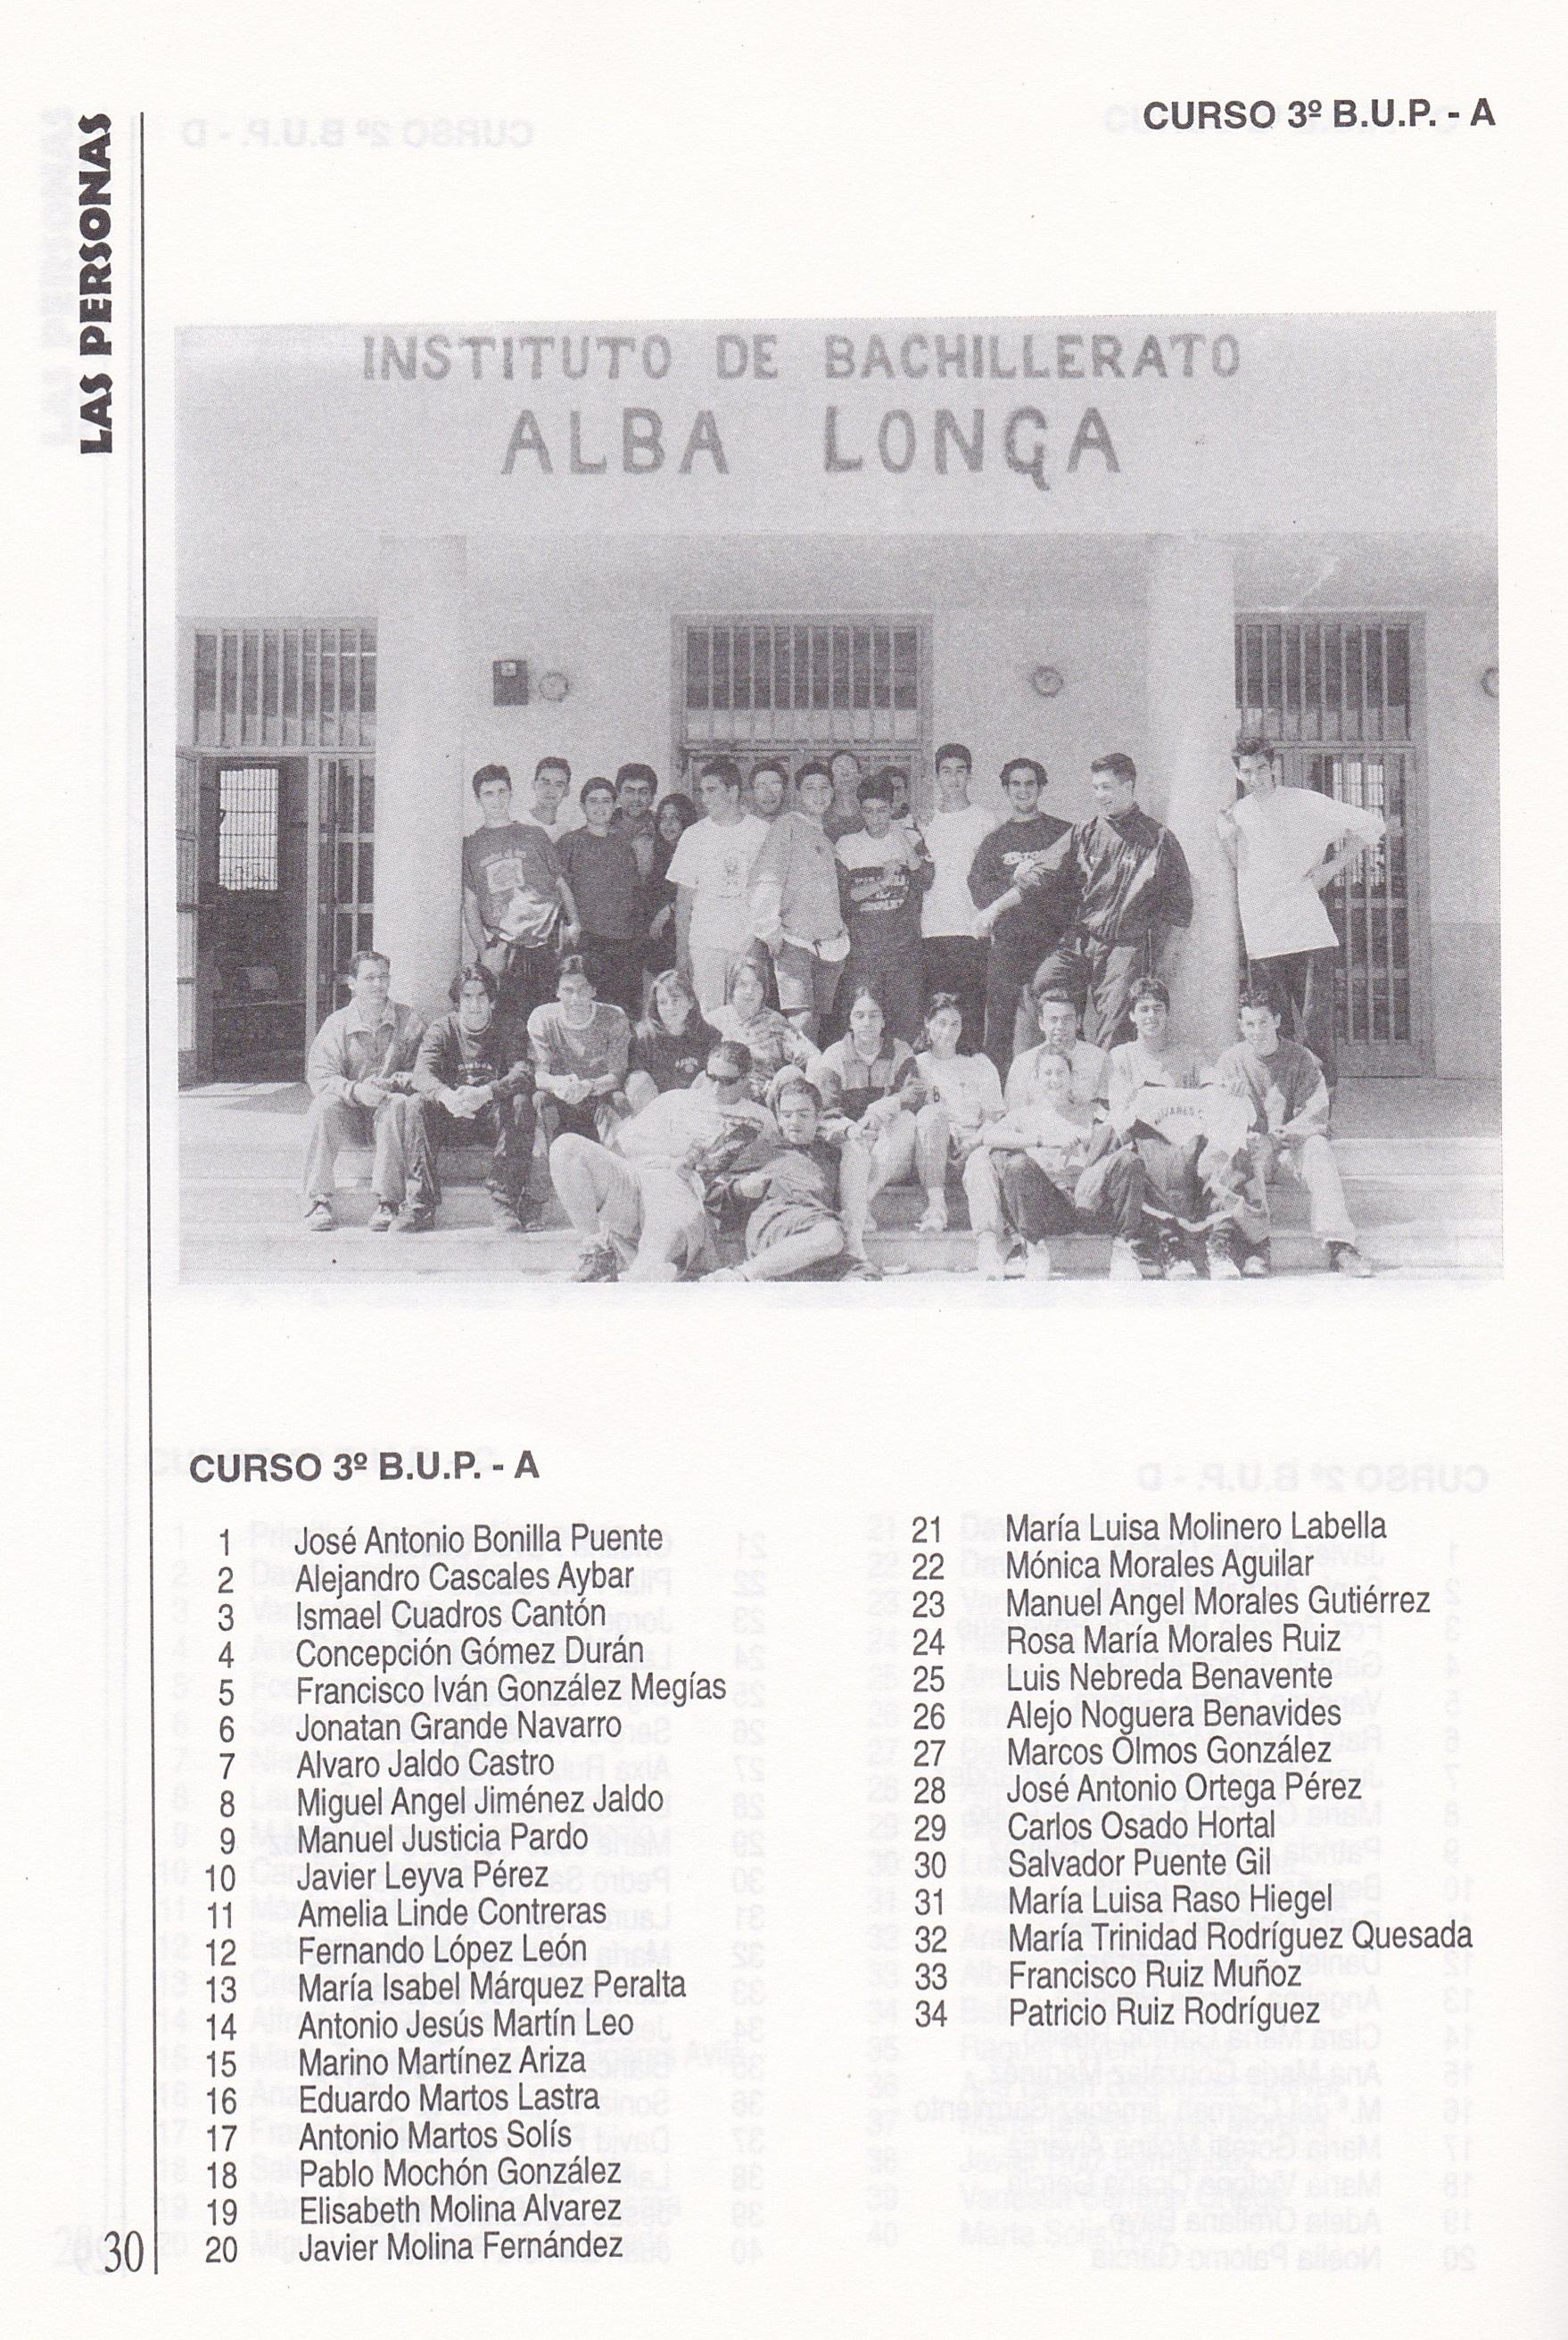 3ºBUP A (curso 1995-1996)